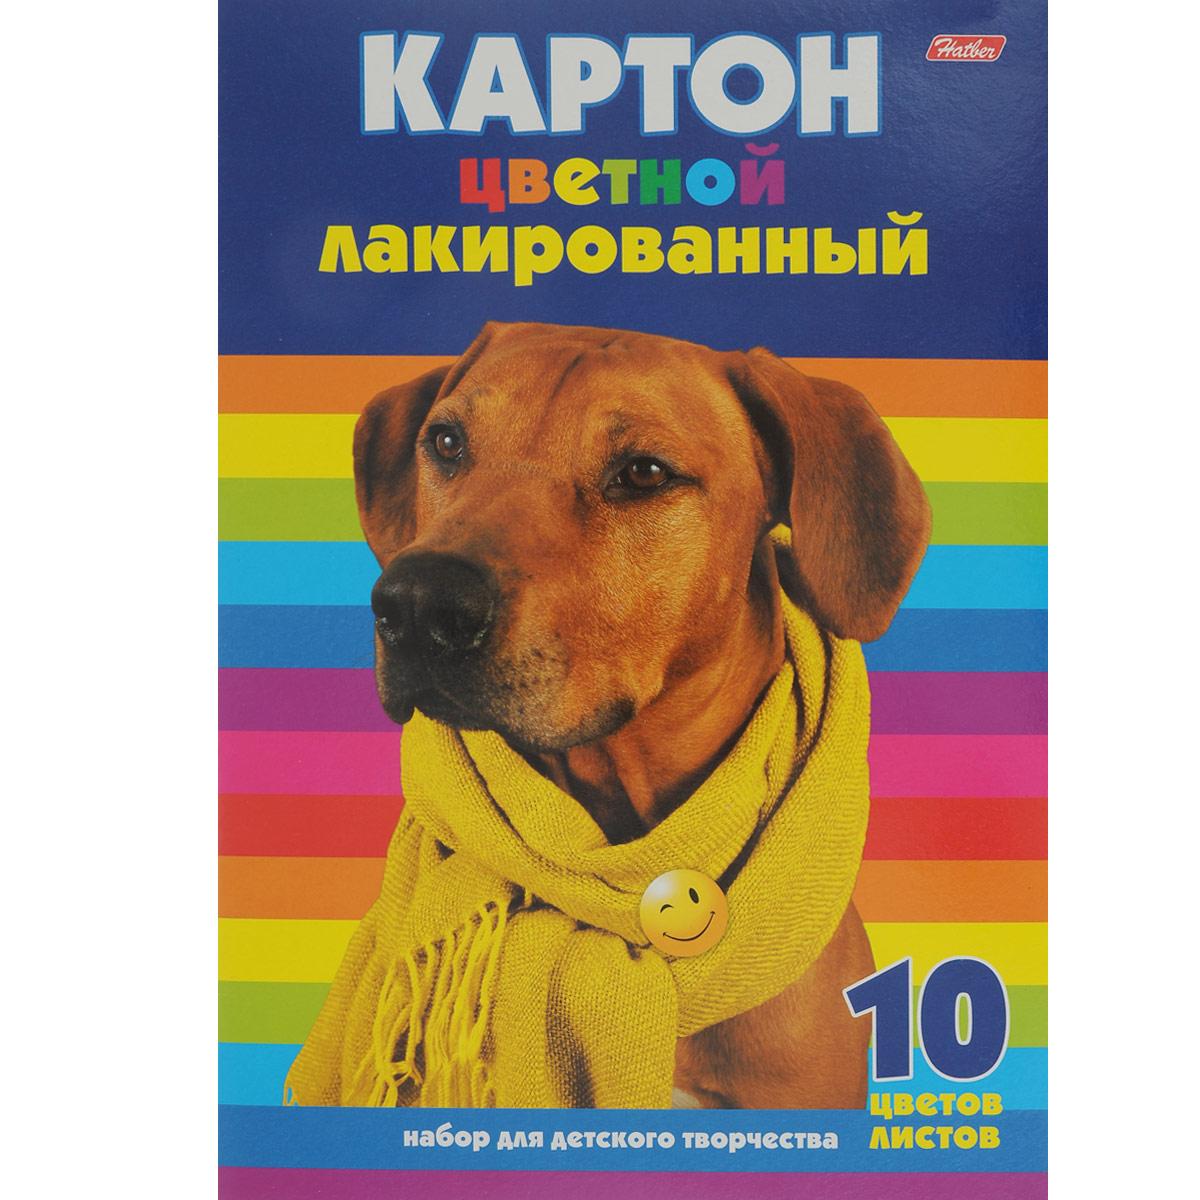 Картон цветной Hatber лакированный, 10 цв, формат А410Кц4_14036Картон цветной Hatber позволит создавать всевозможные аппликации и поделки. Набор включает 10 листов одностороннего цветного картона формата А4. Цвета: желтый, красный, оранжевый, зеленый, голубой, серебренный, золотистый, коричневый, синий, желтый, черный. Создание поделок из цветного картона позволяет ребенку развивать творческие способности, кроме того, это увлекательный досуг. Картон упакован в картонную папку с изображением милой собачки.